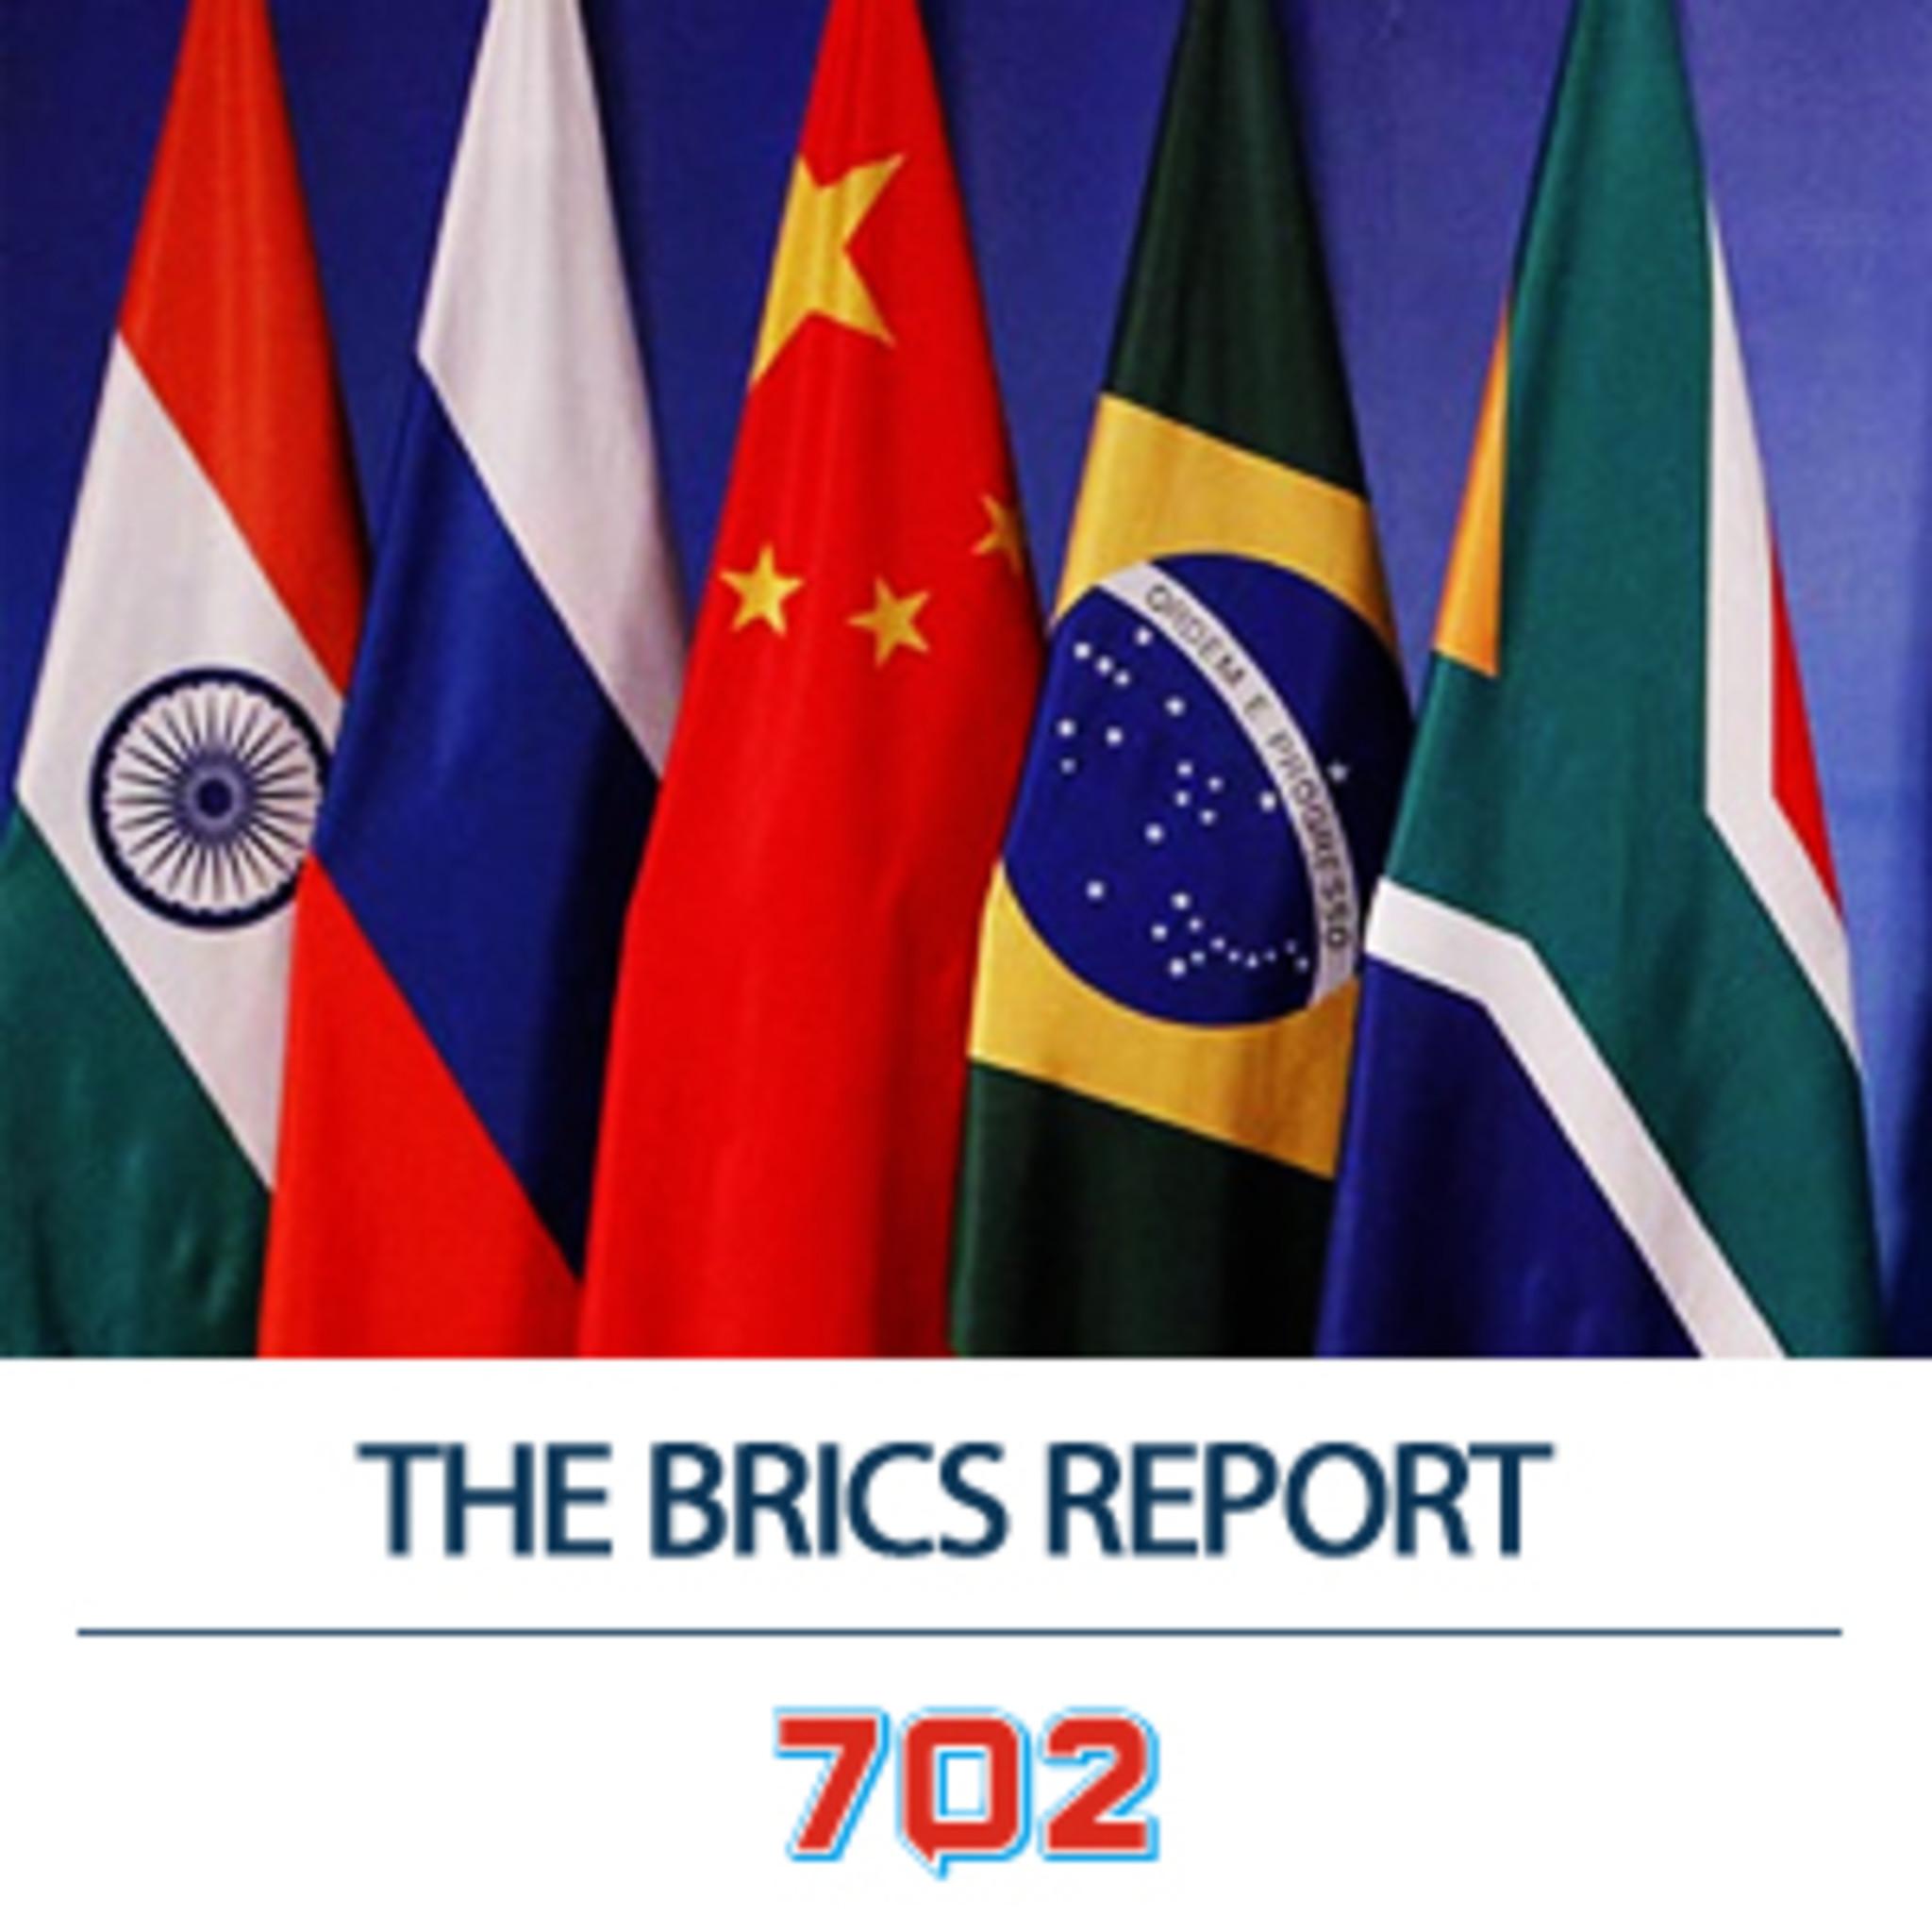 BRICS: China